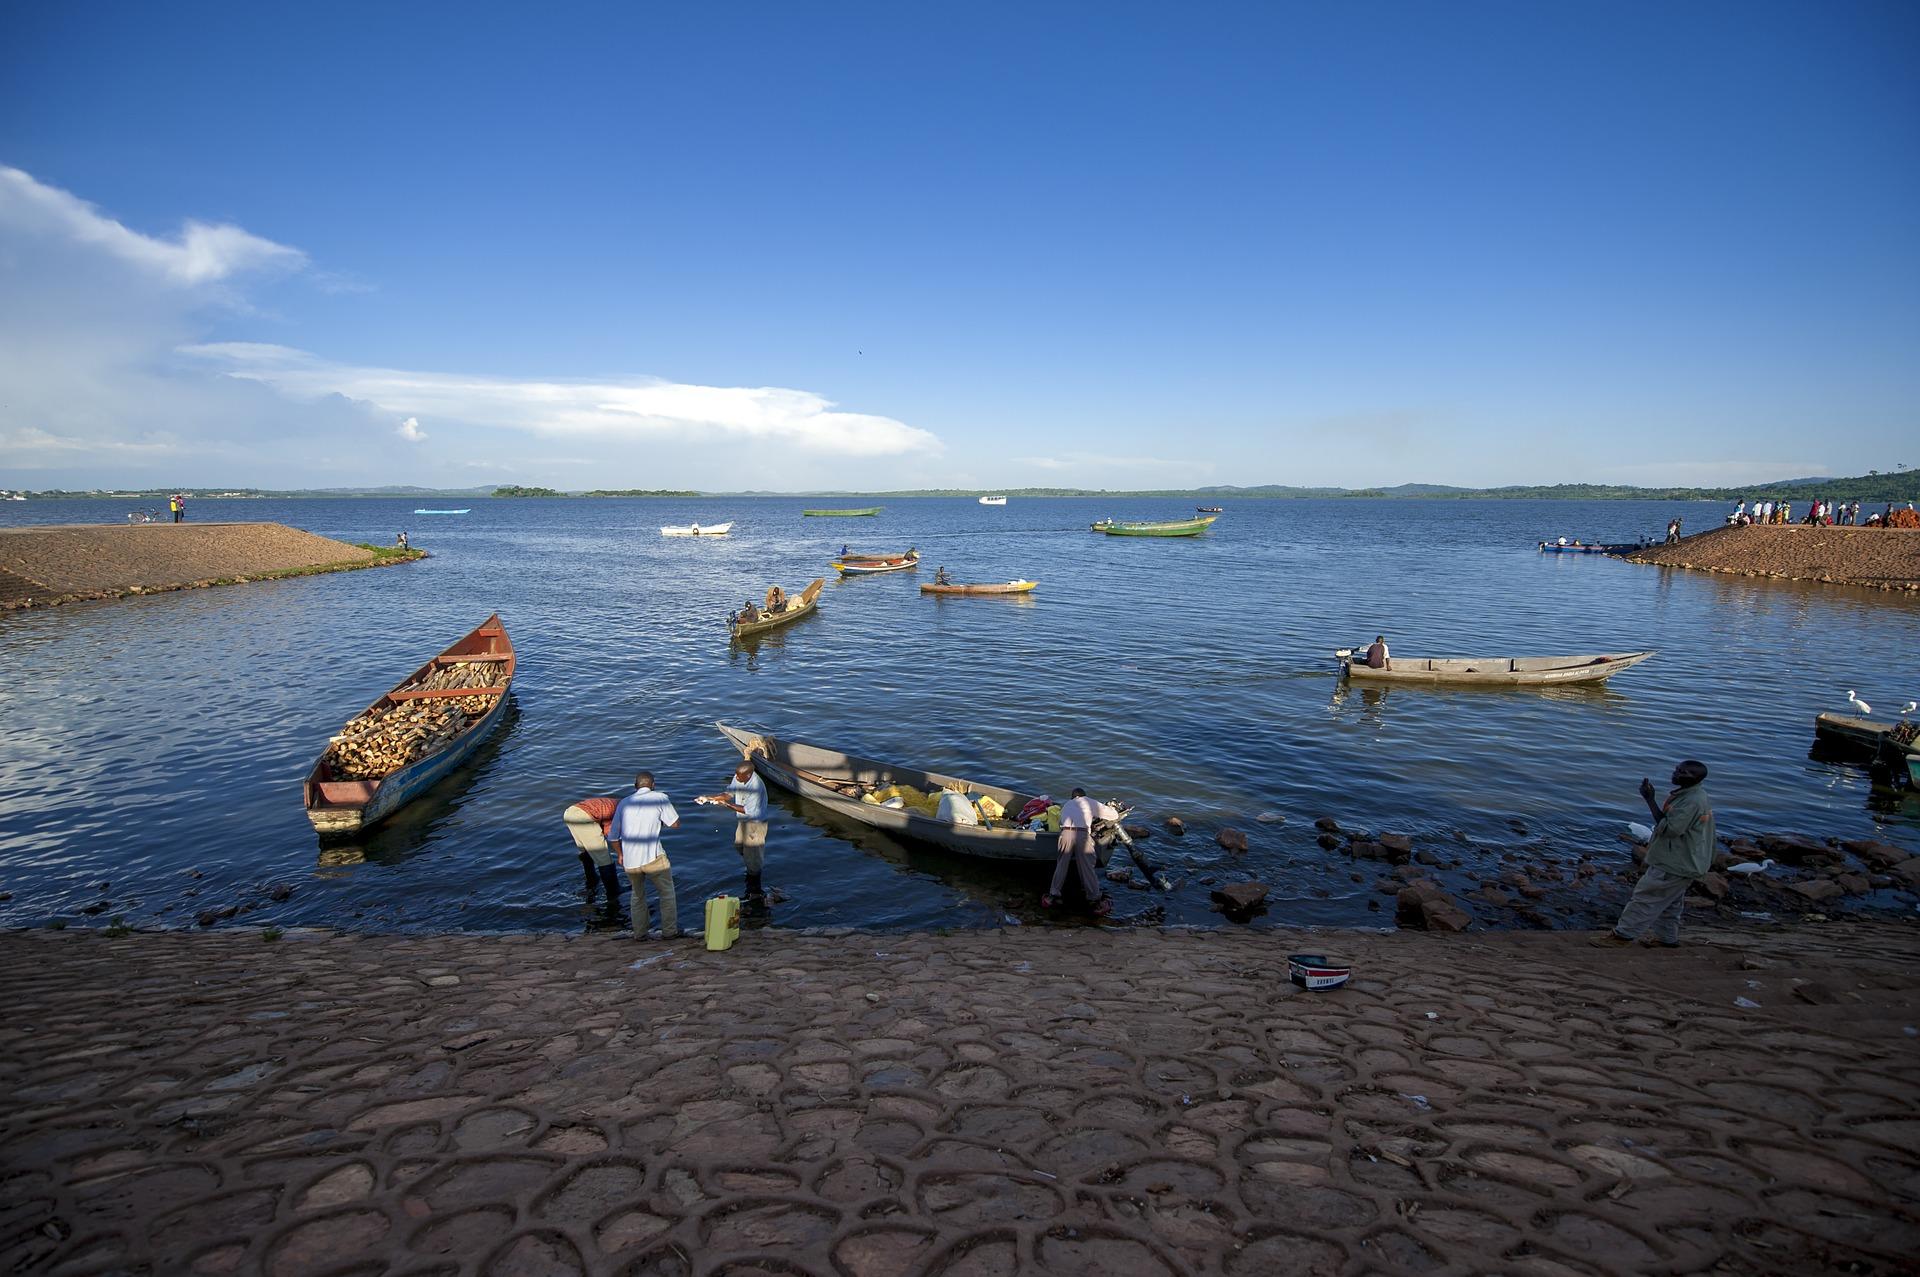 Lake-Victoria-fishing-photo-Pixabay-1